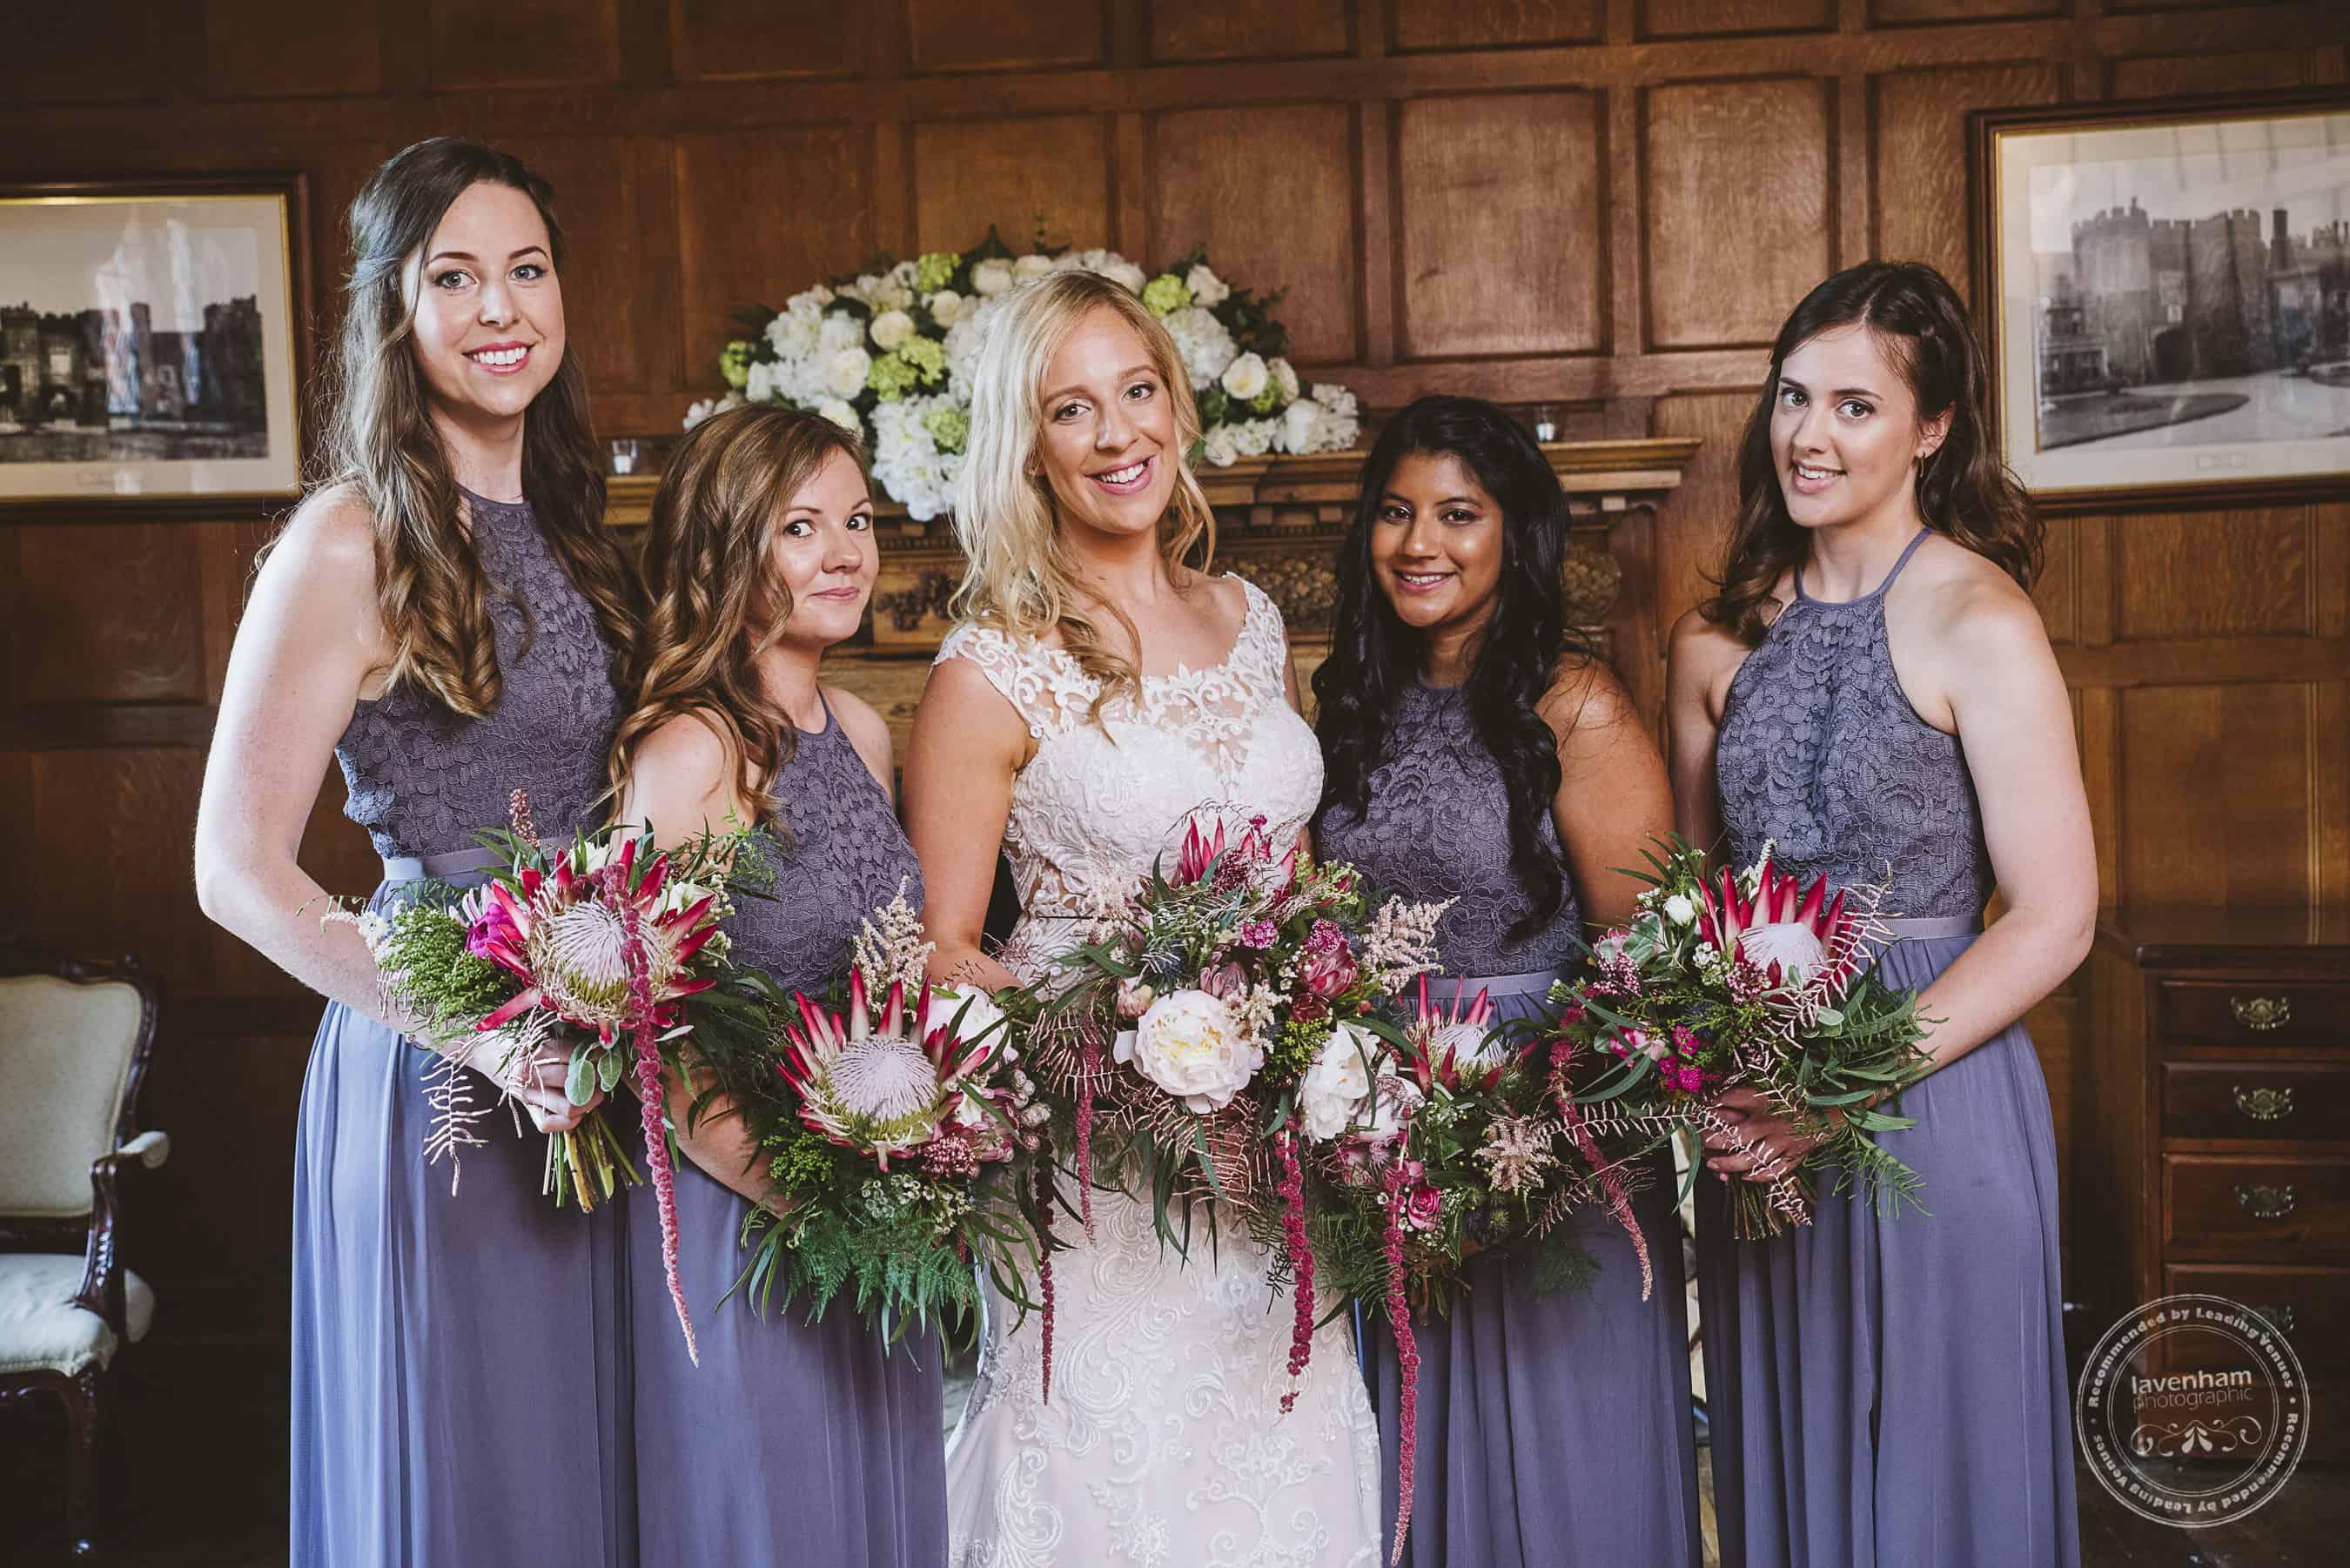 020618 Leez Priory Wedding Photography Lavenham Photographic 044